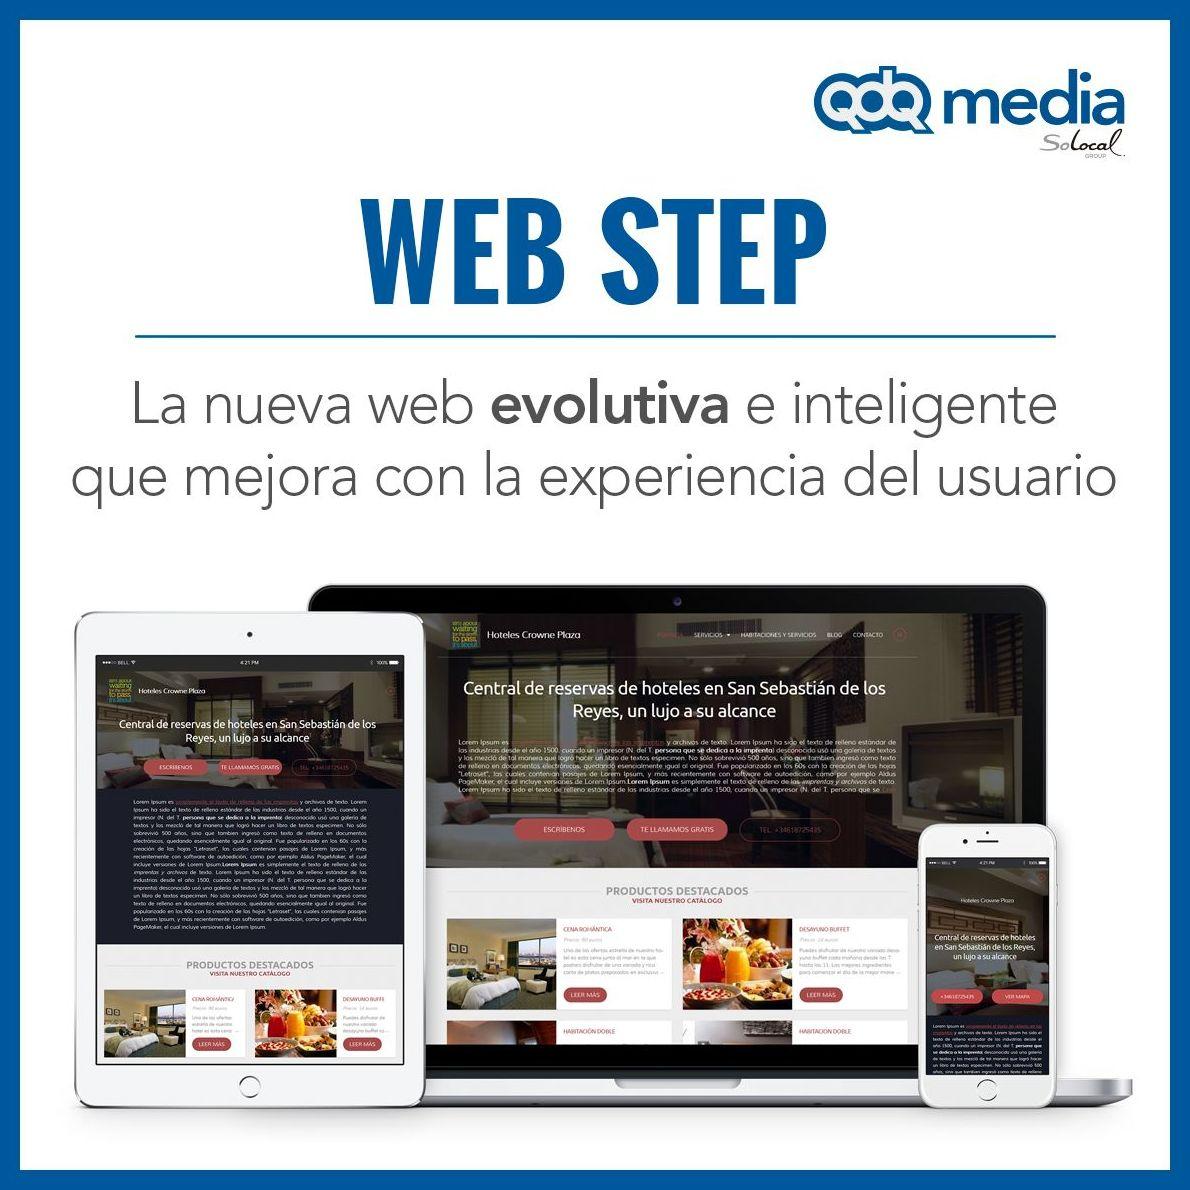 Foto 32 de Diseño de páginas web en Madrid | QDQ media